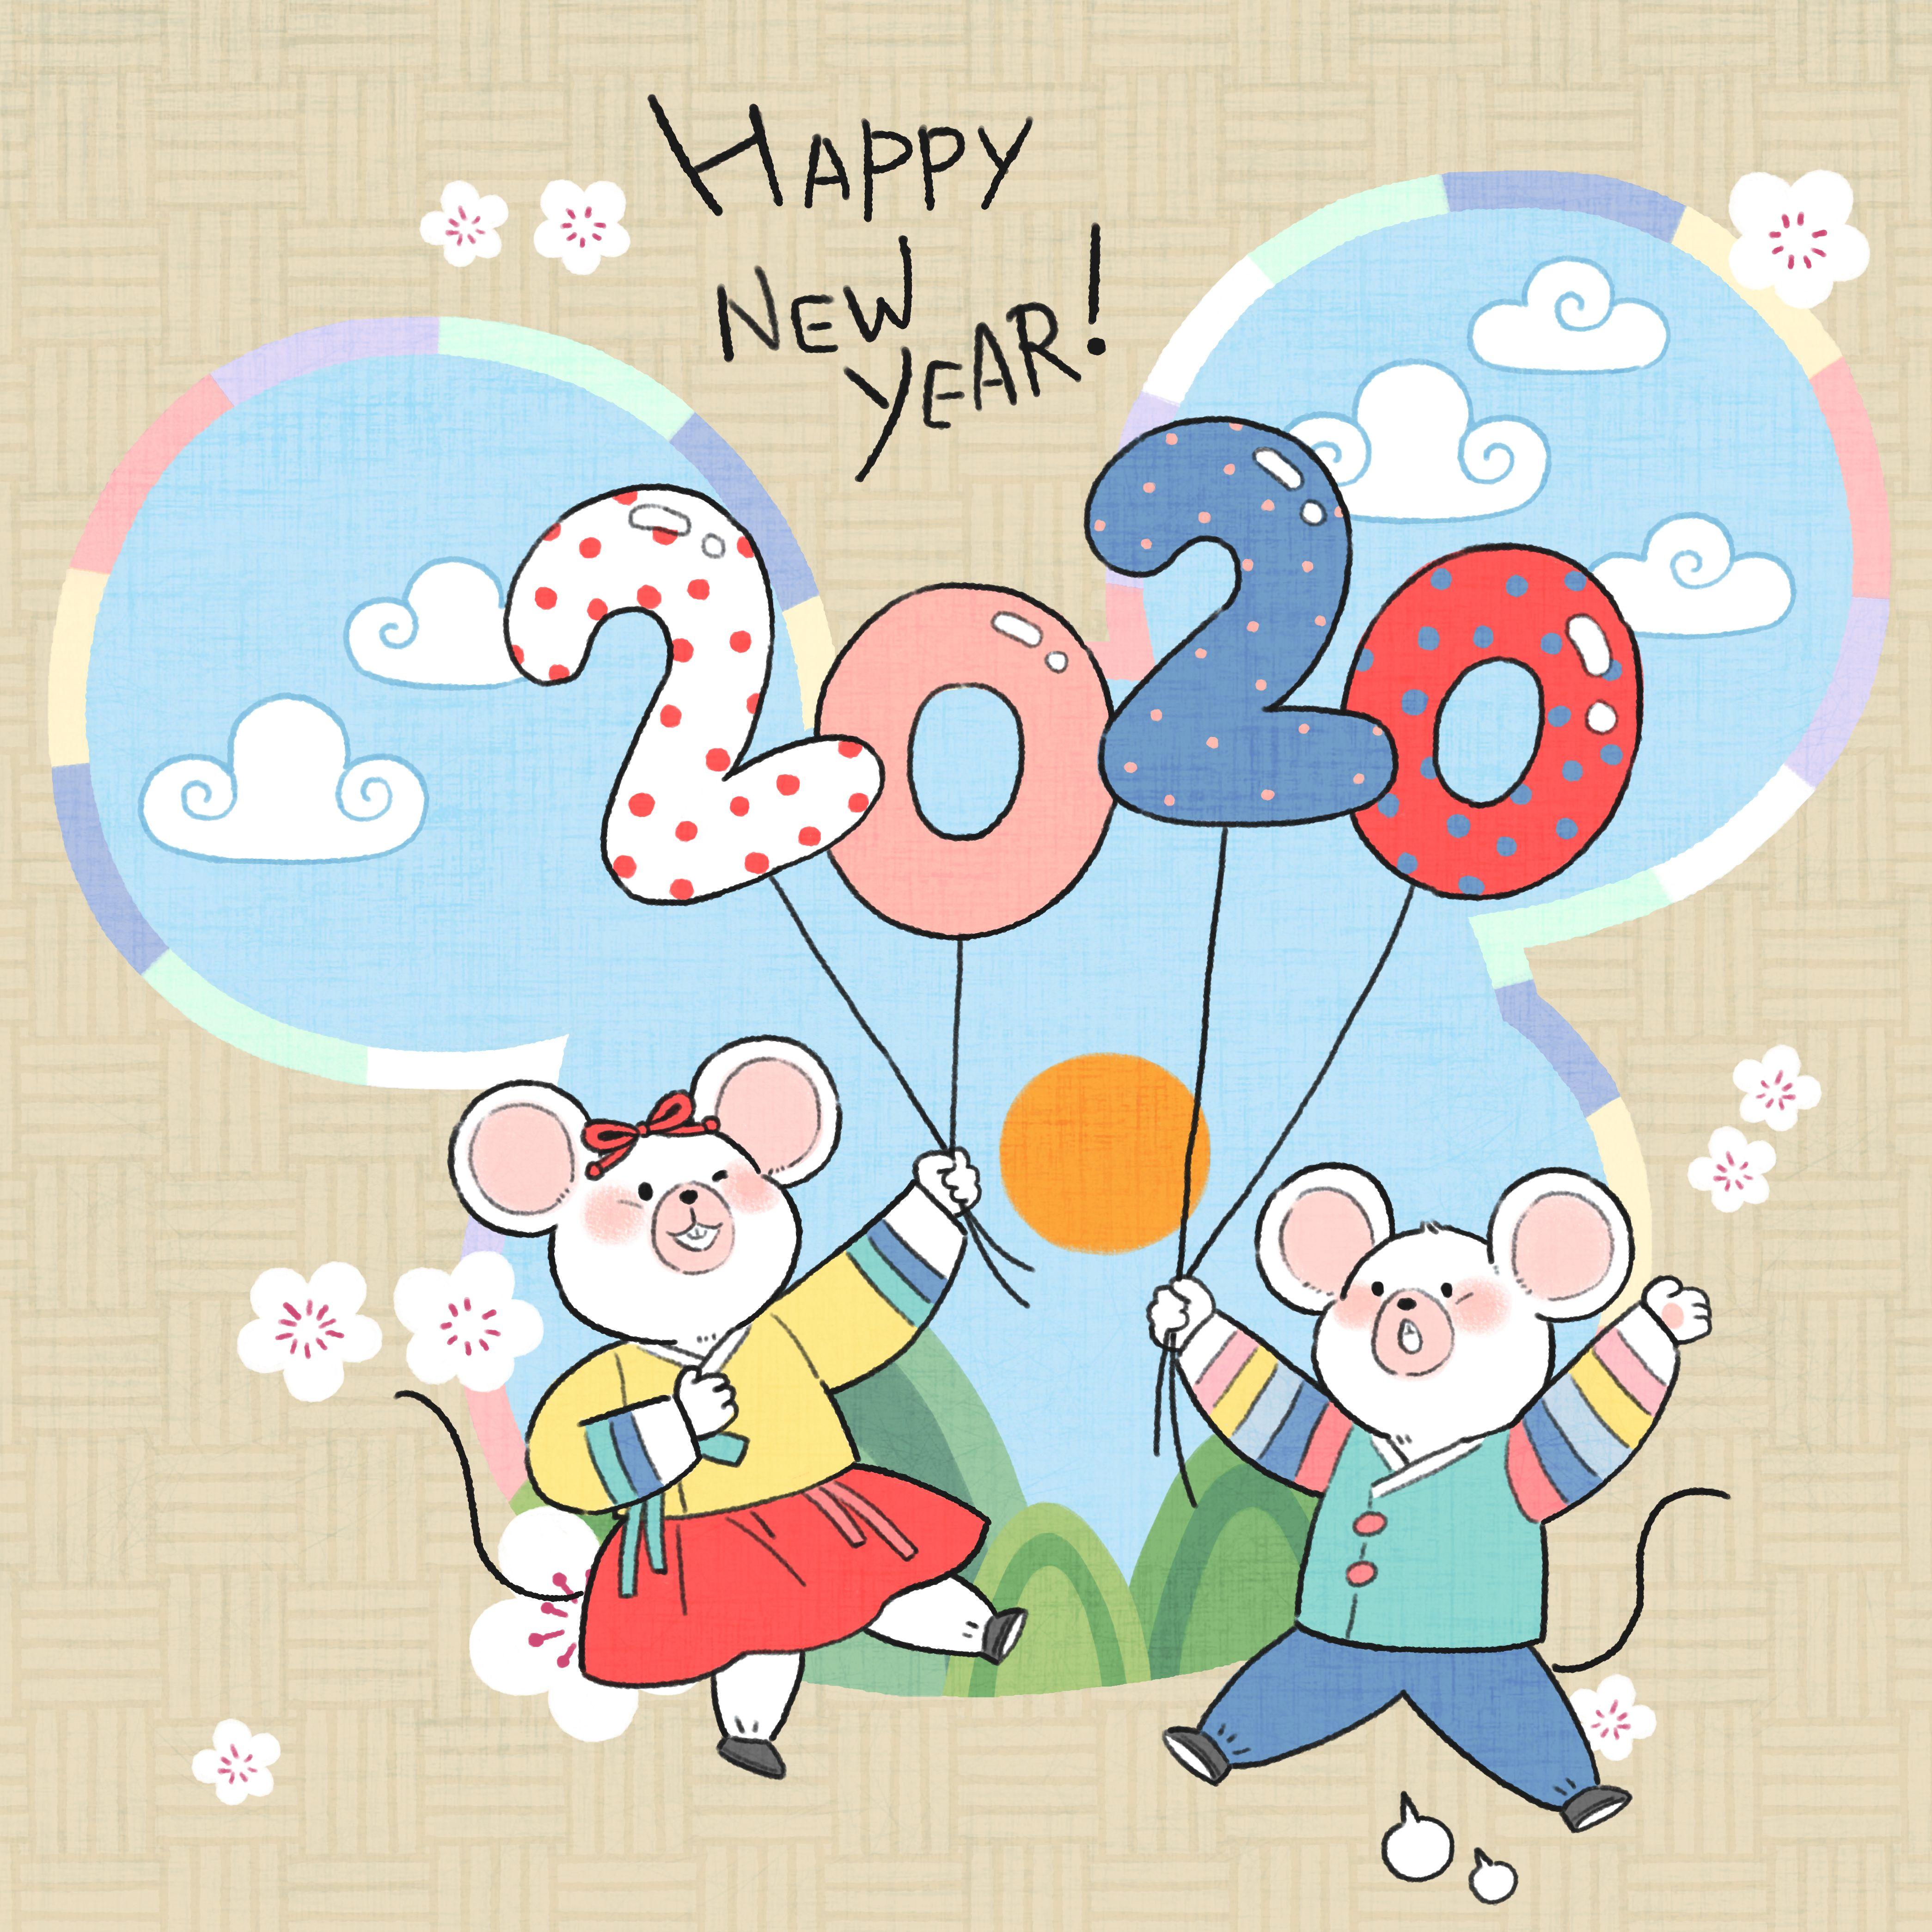 2020년 근하신년 기쁨 꽃 동물 명절 미소 사람없음 산 새로움 새해 설렘 시작 영어 의인화 일러스트